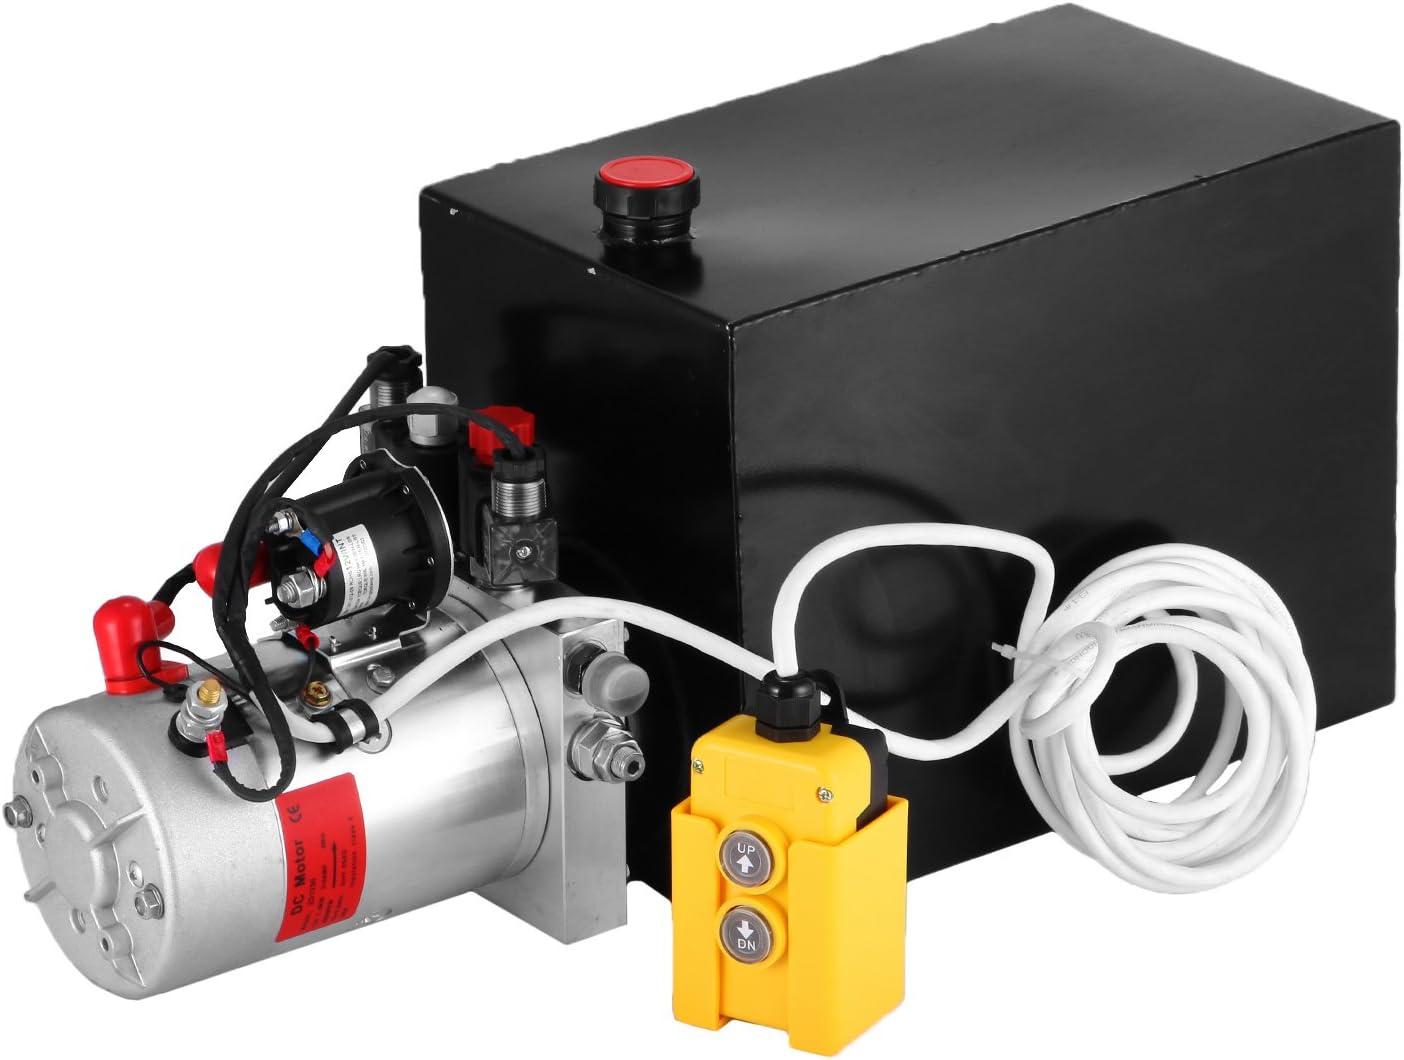 Moracle Bomba Hidráulica de Acción 12 V DC con Tanque Grande en Doble Efecto Efecto simple para Remolque de Descarga Automática